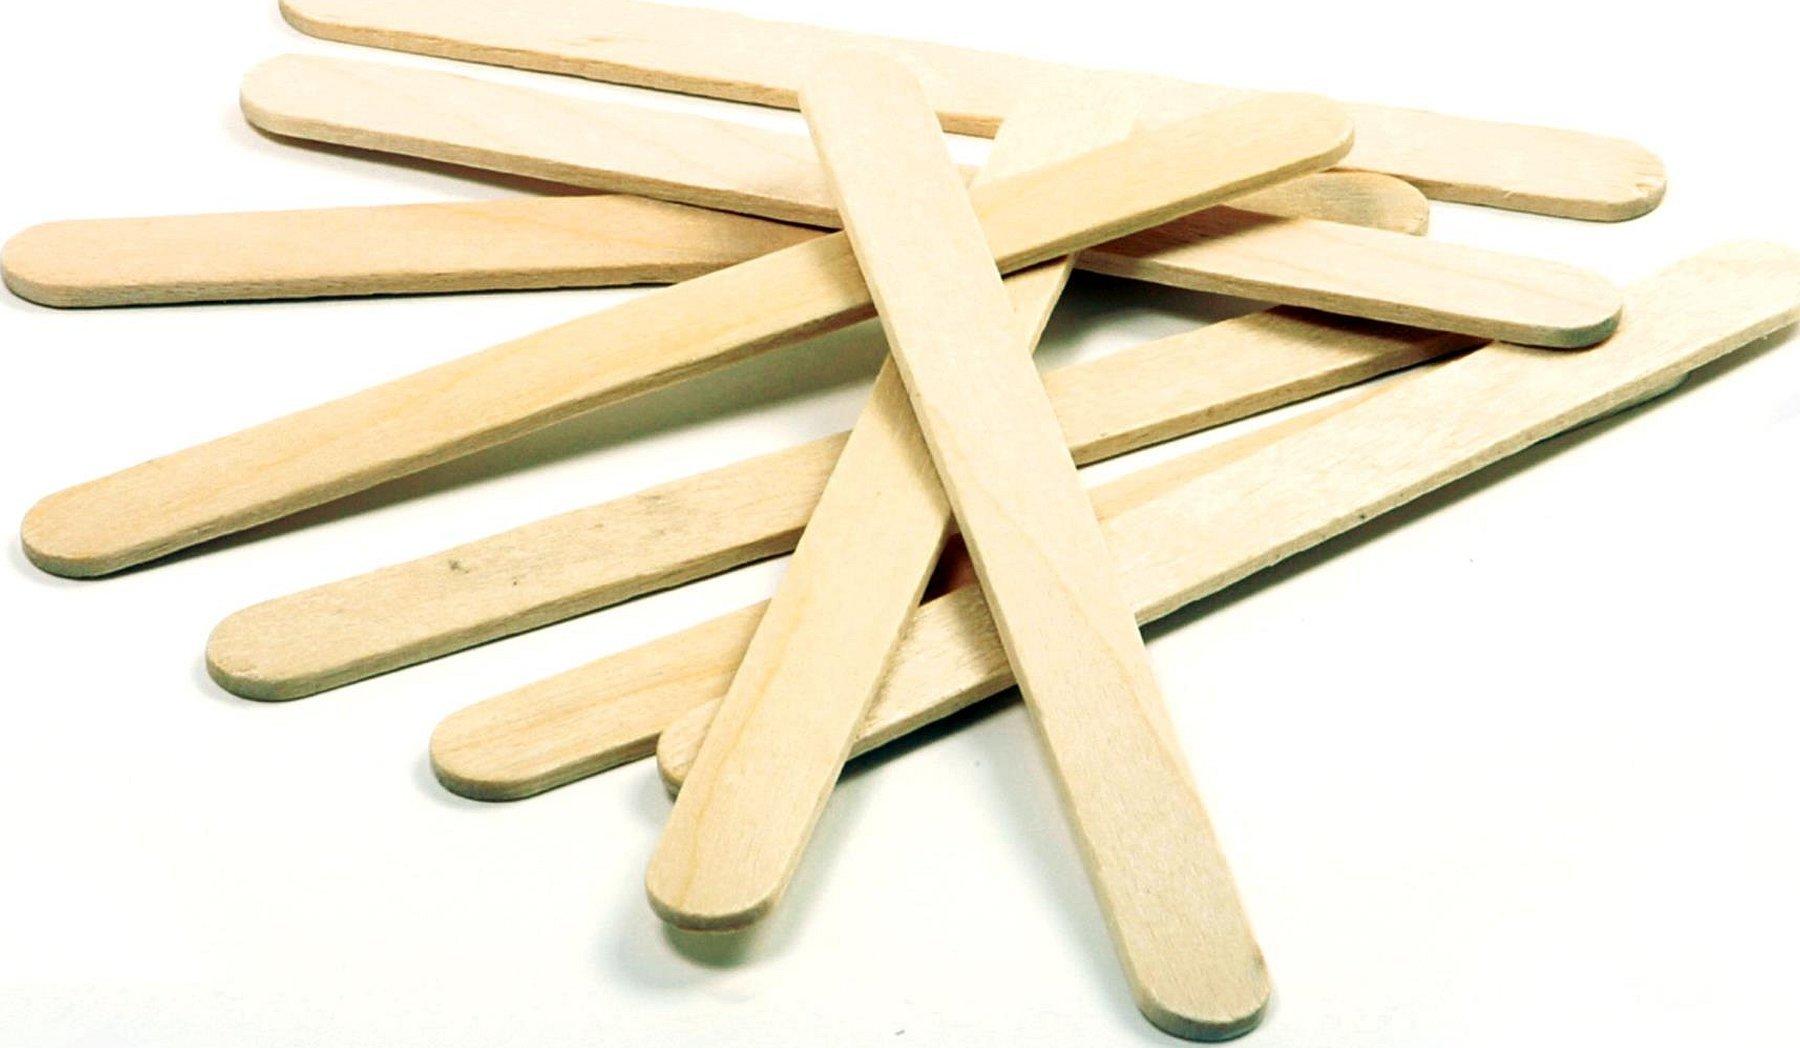 Деревянные палочки от эскимо мороженое